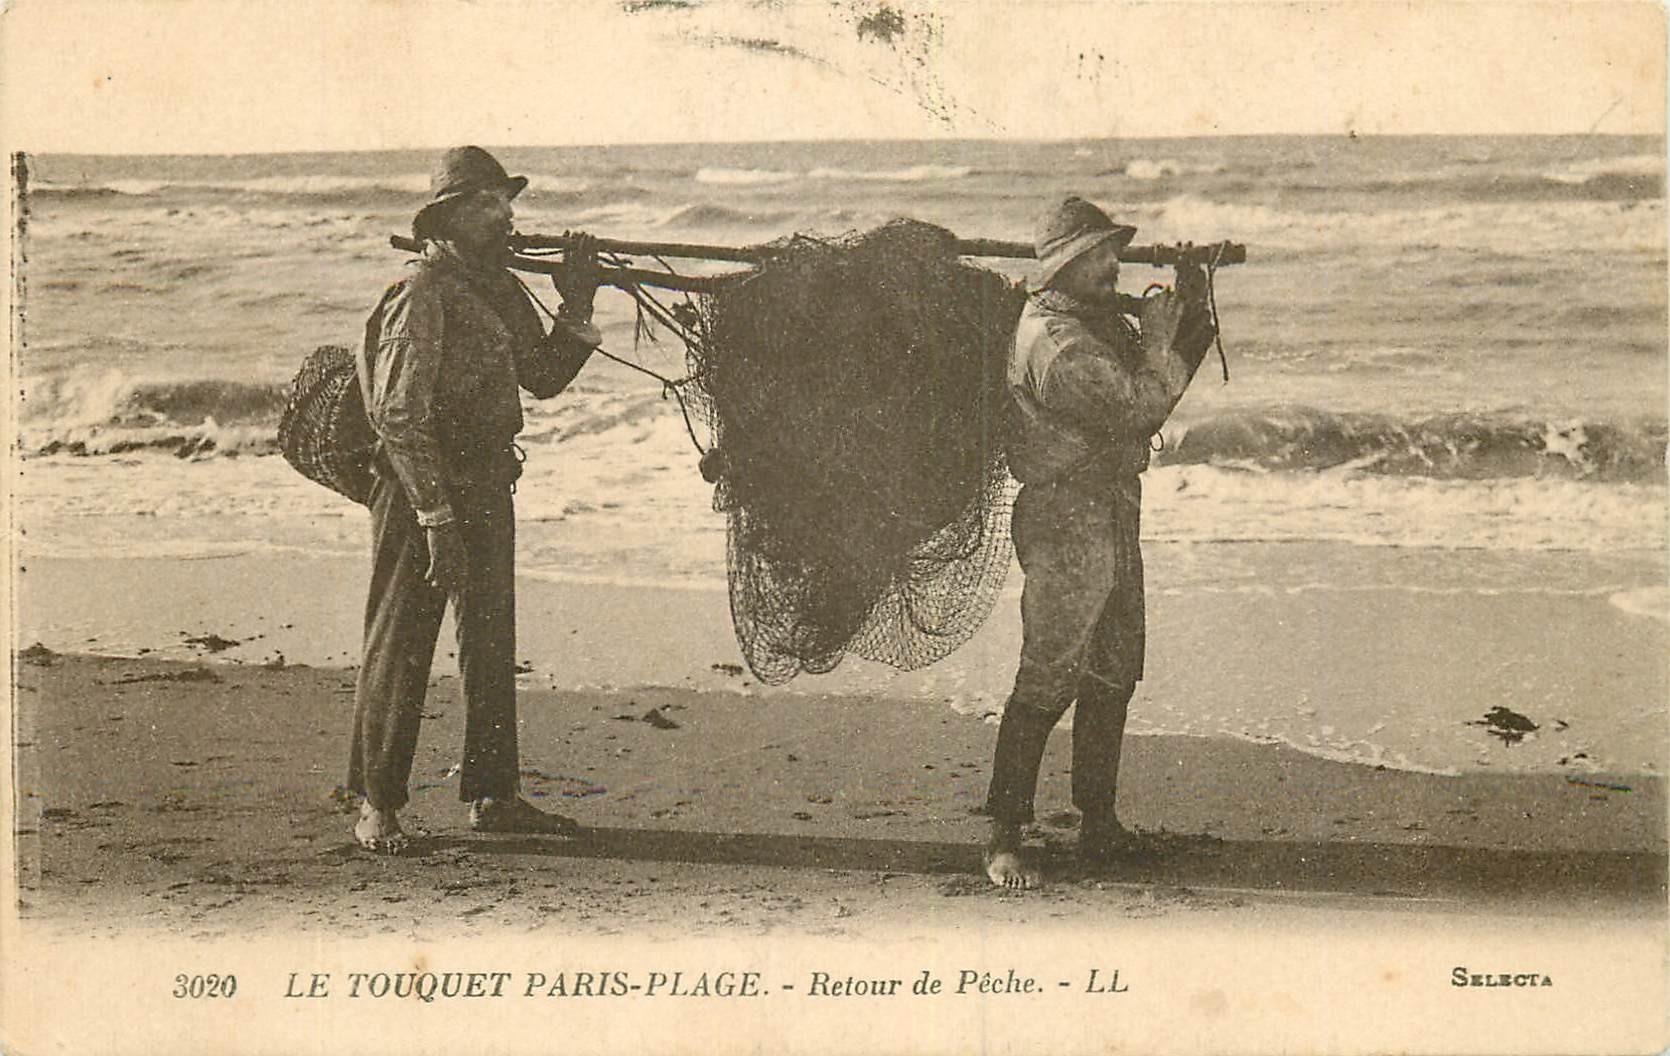 62 LE TOUQUET. Retour de Pêche 1925